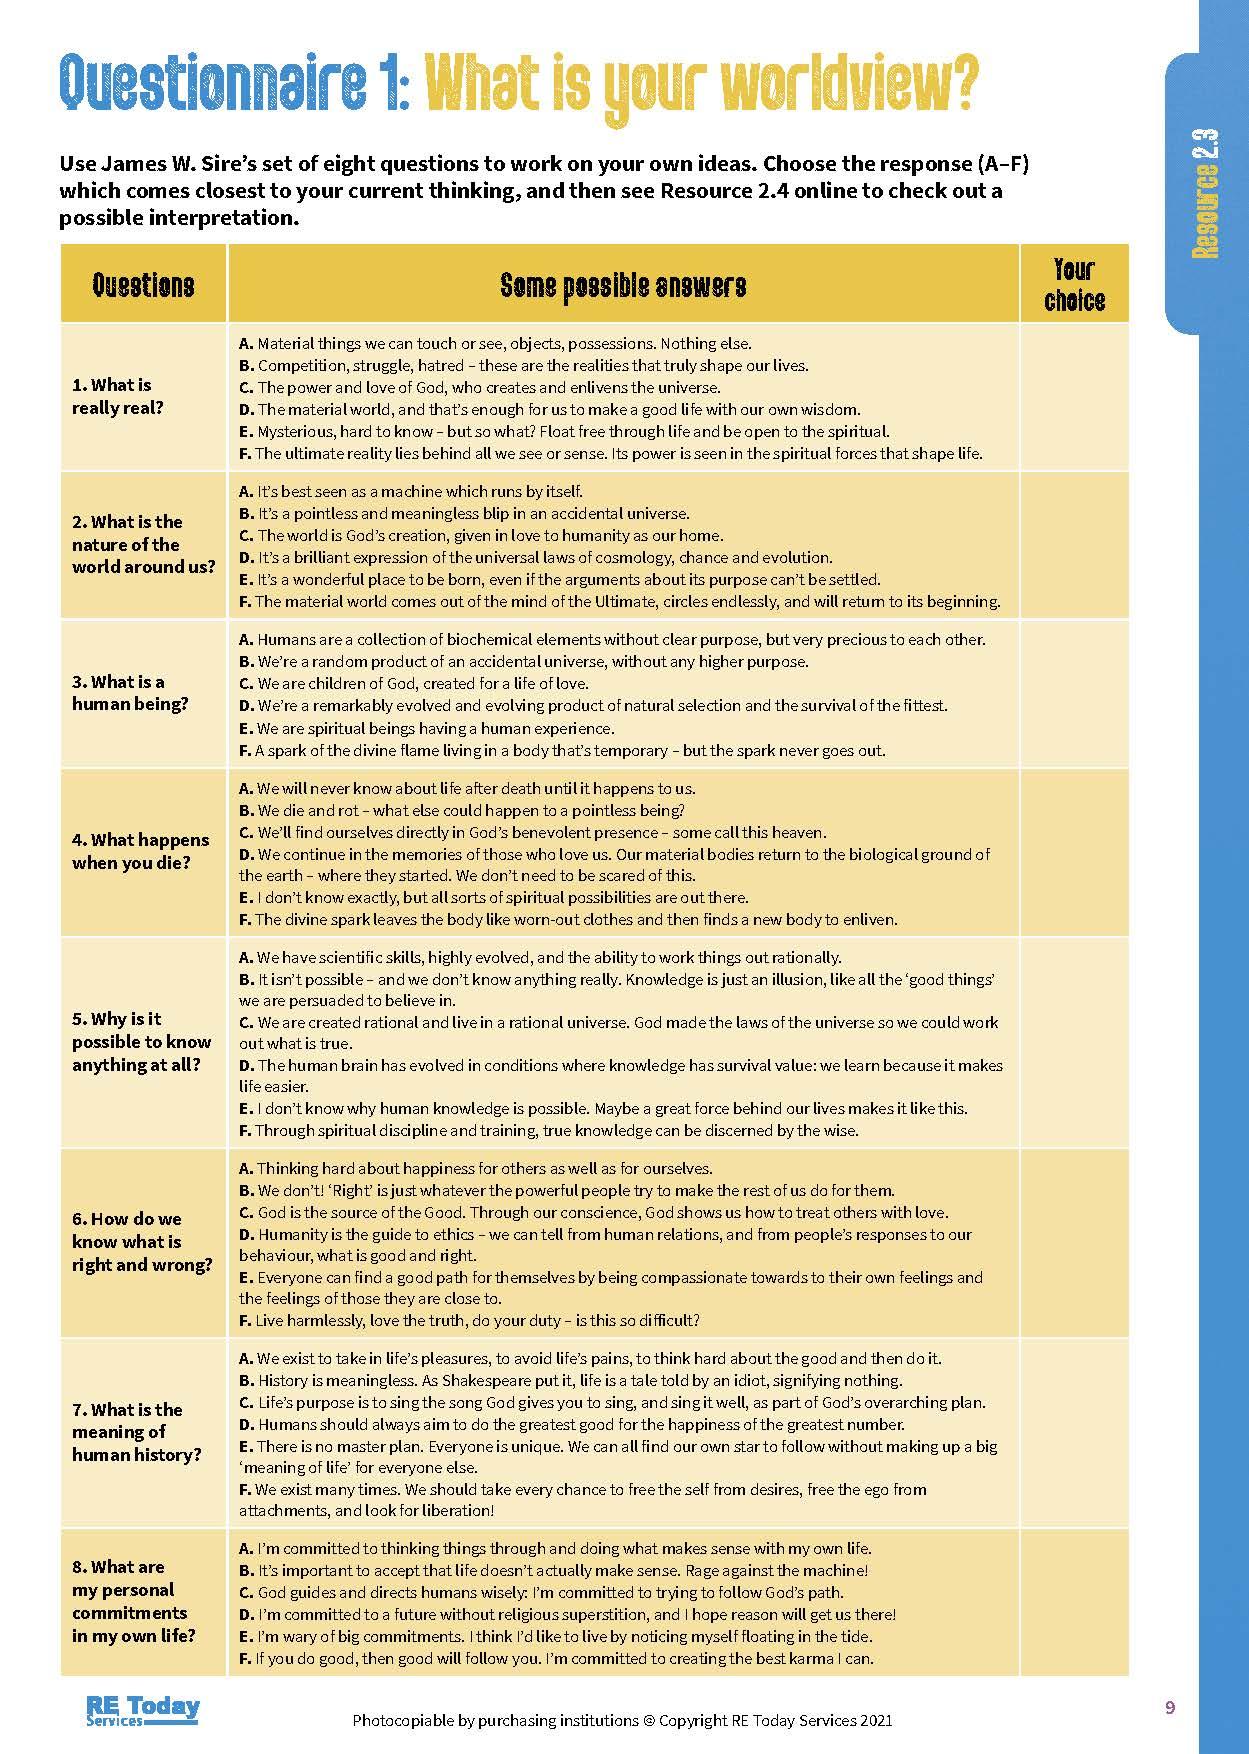 Questionnaire 1 p 9